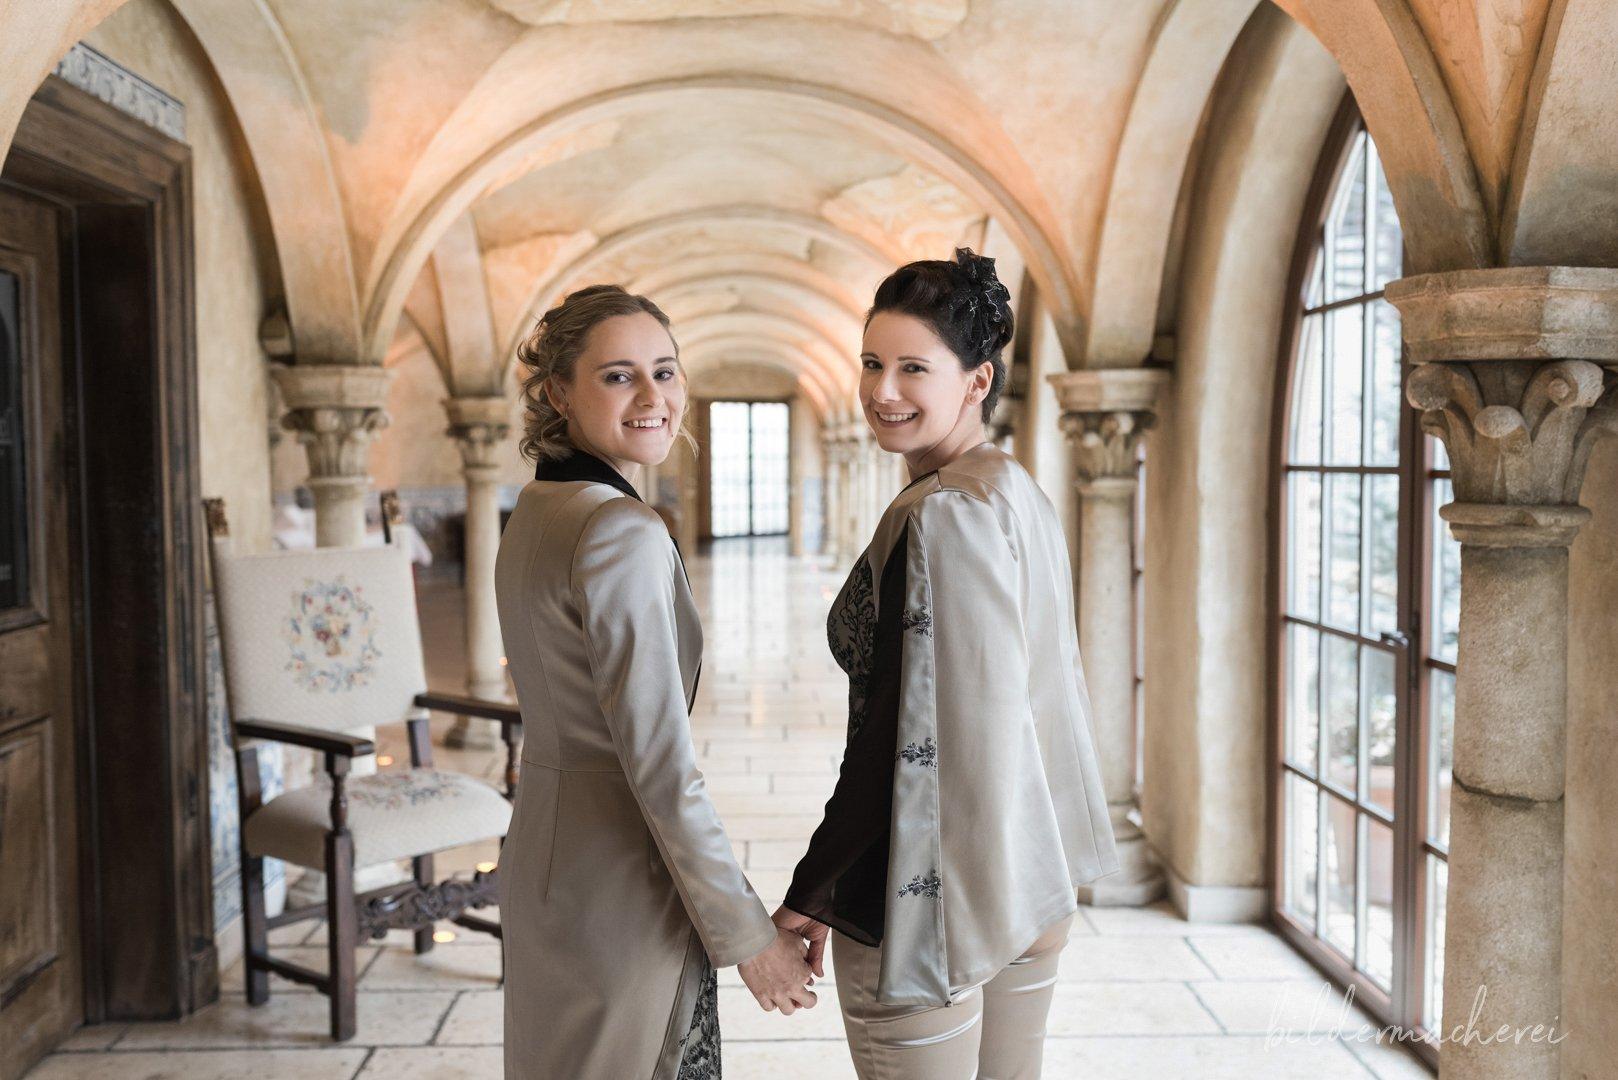 Brautfoto von Linda & Sandra im Gewölbekeller.